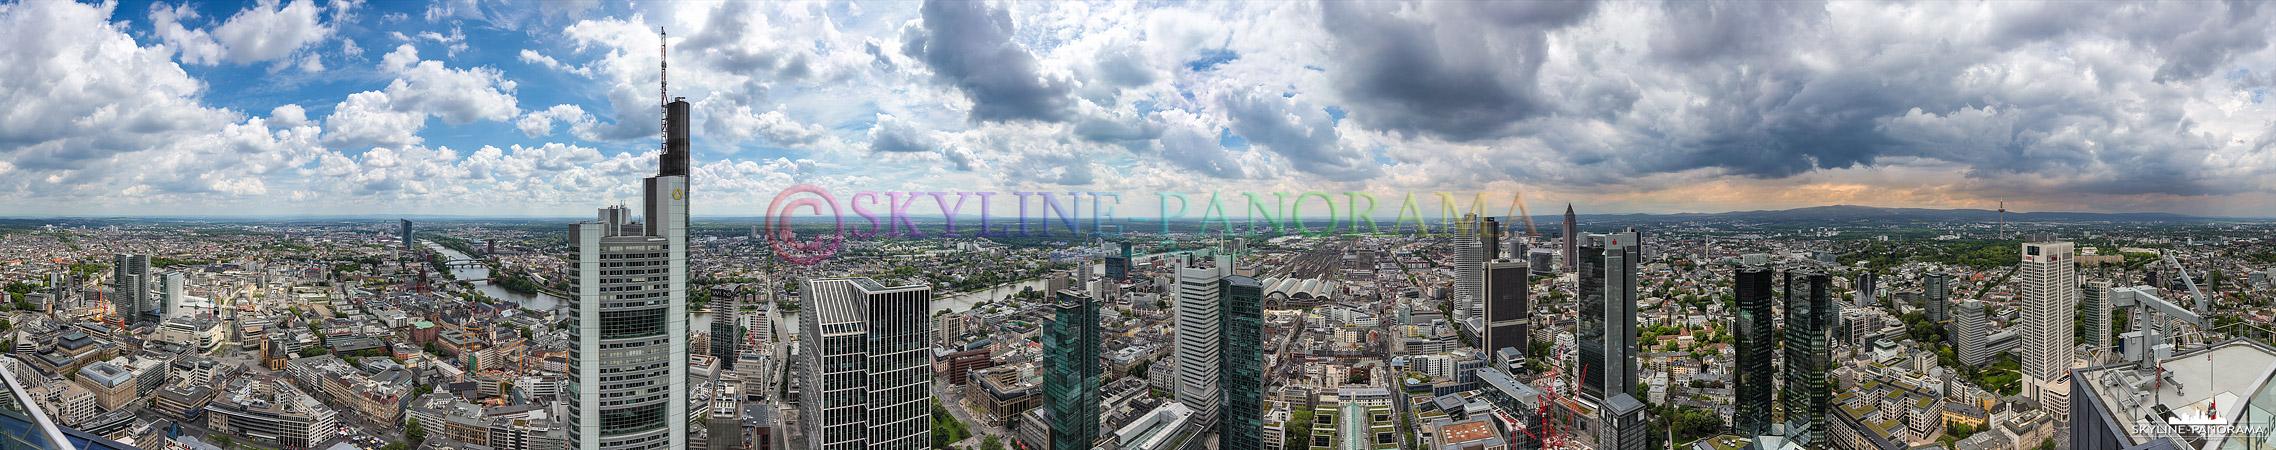 Eine Rundschau auf Frankfurt am Main gesehen von der Besucherplattform des Maintowers.